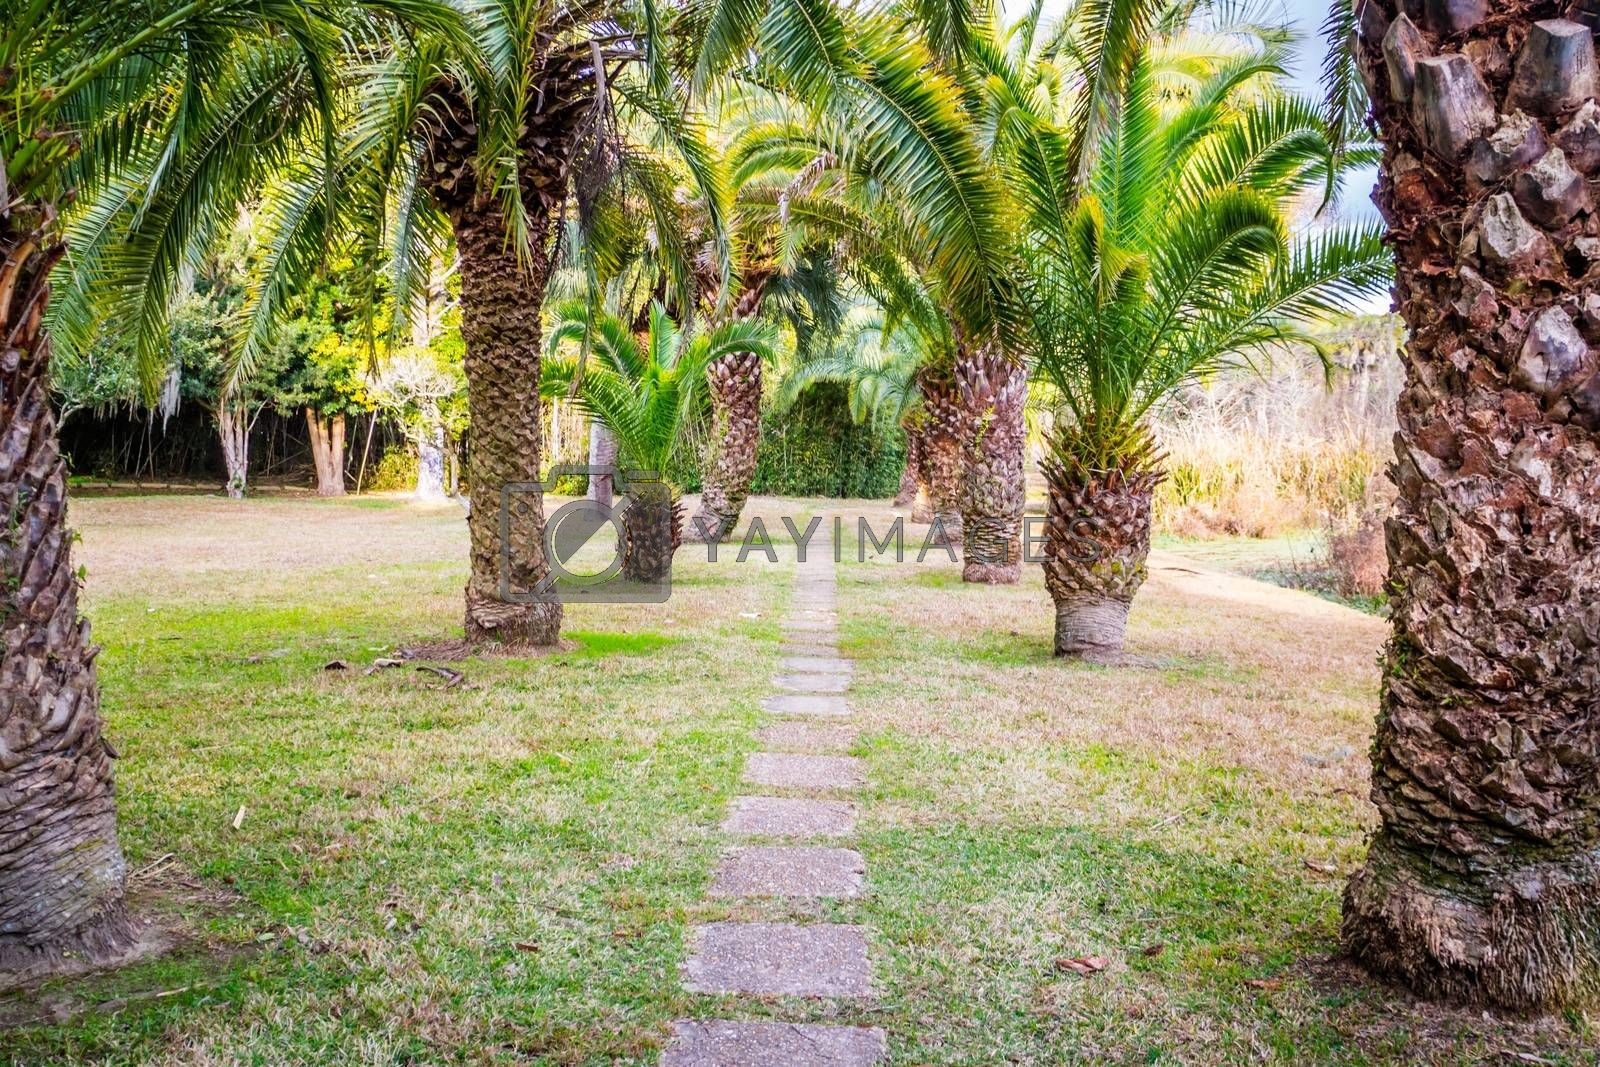 Greeny large Palm Trees in Avery Island, Louisiana by Cheri Alguire